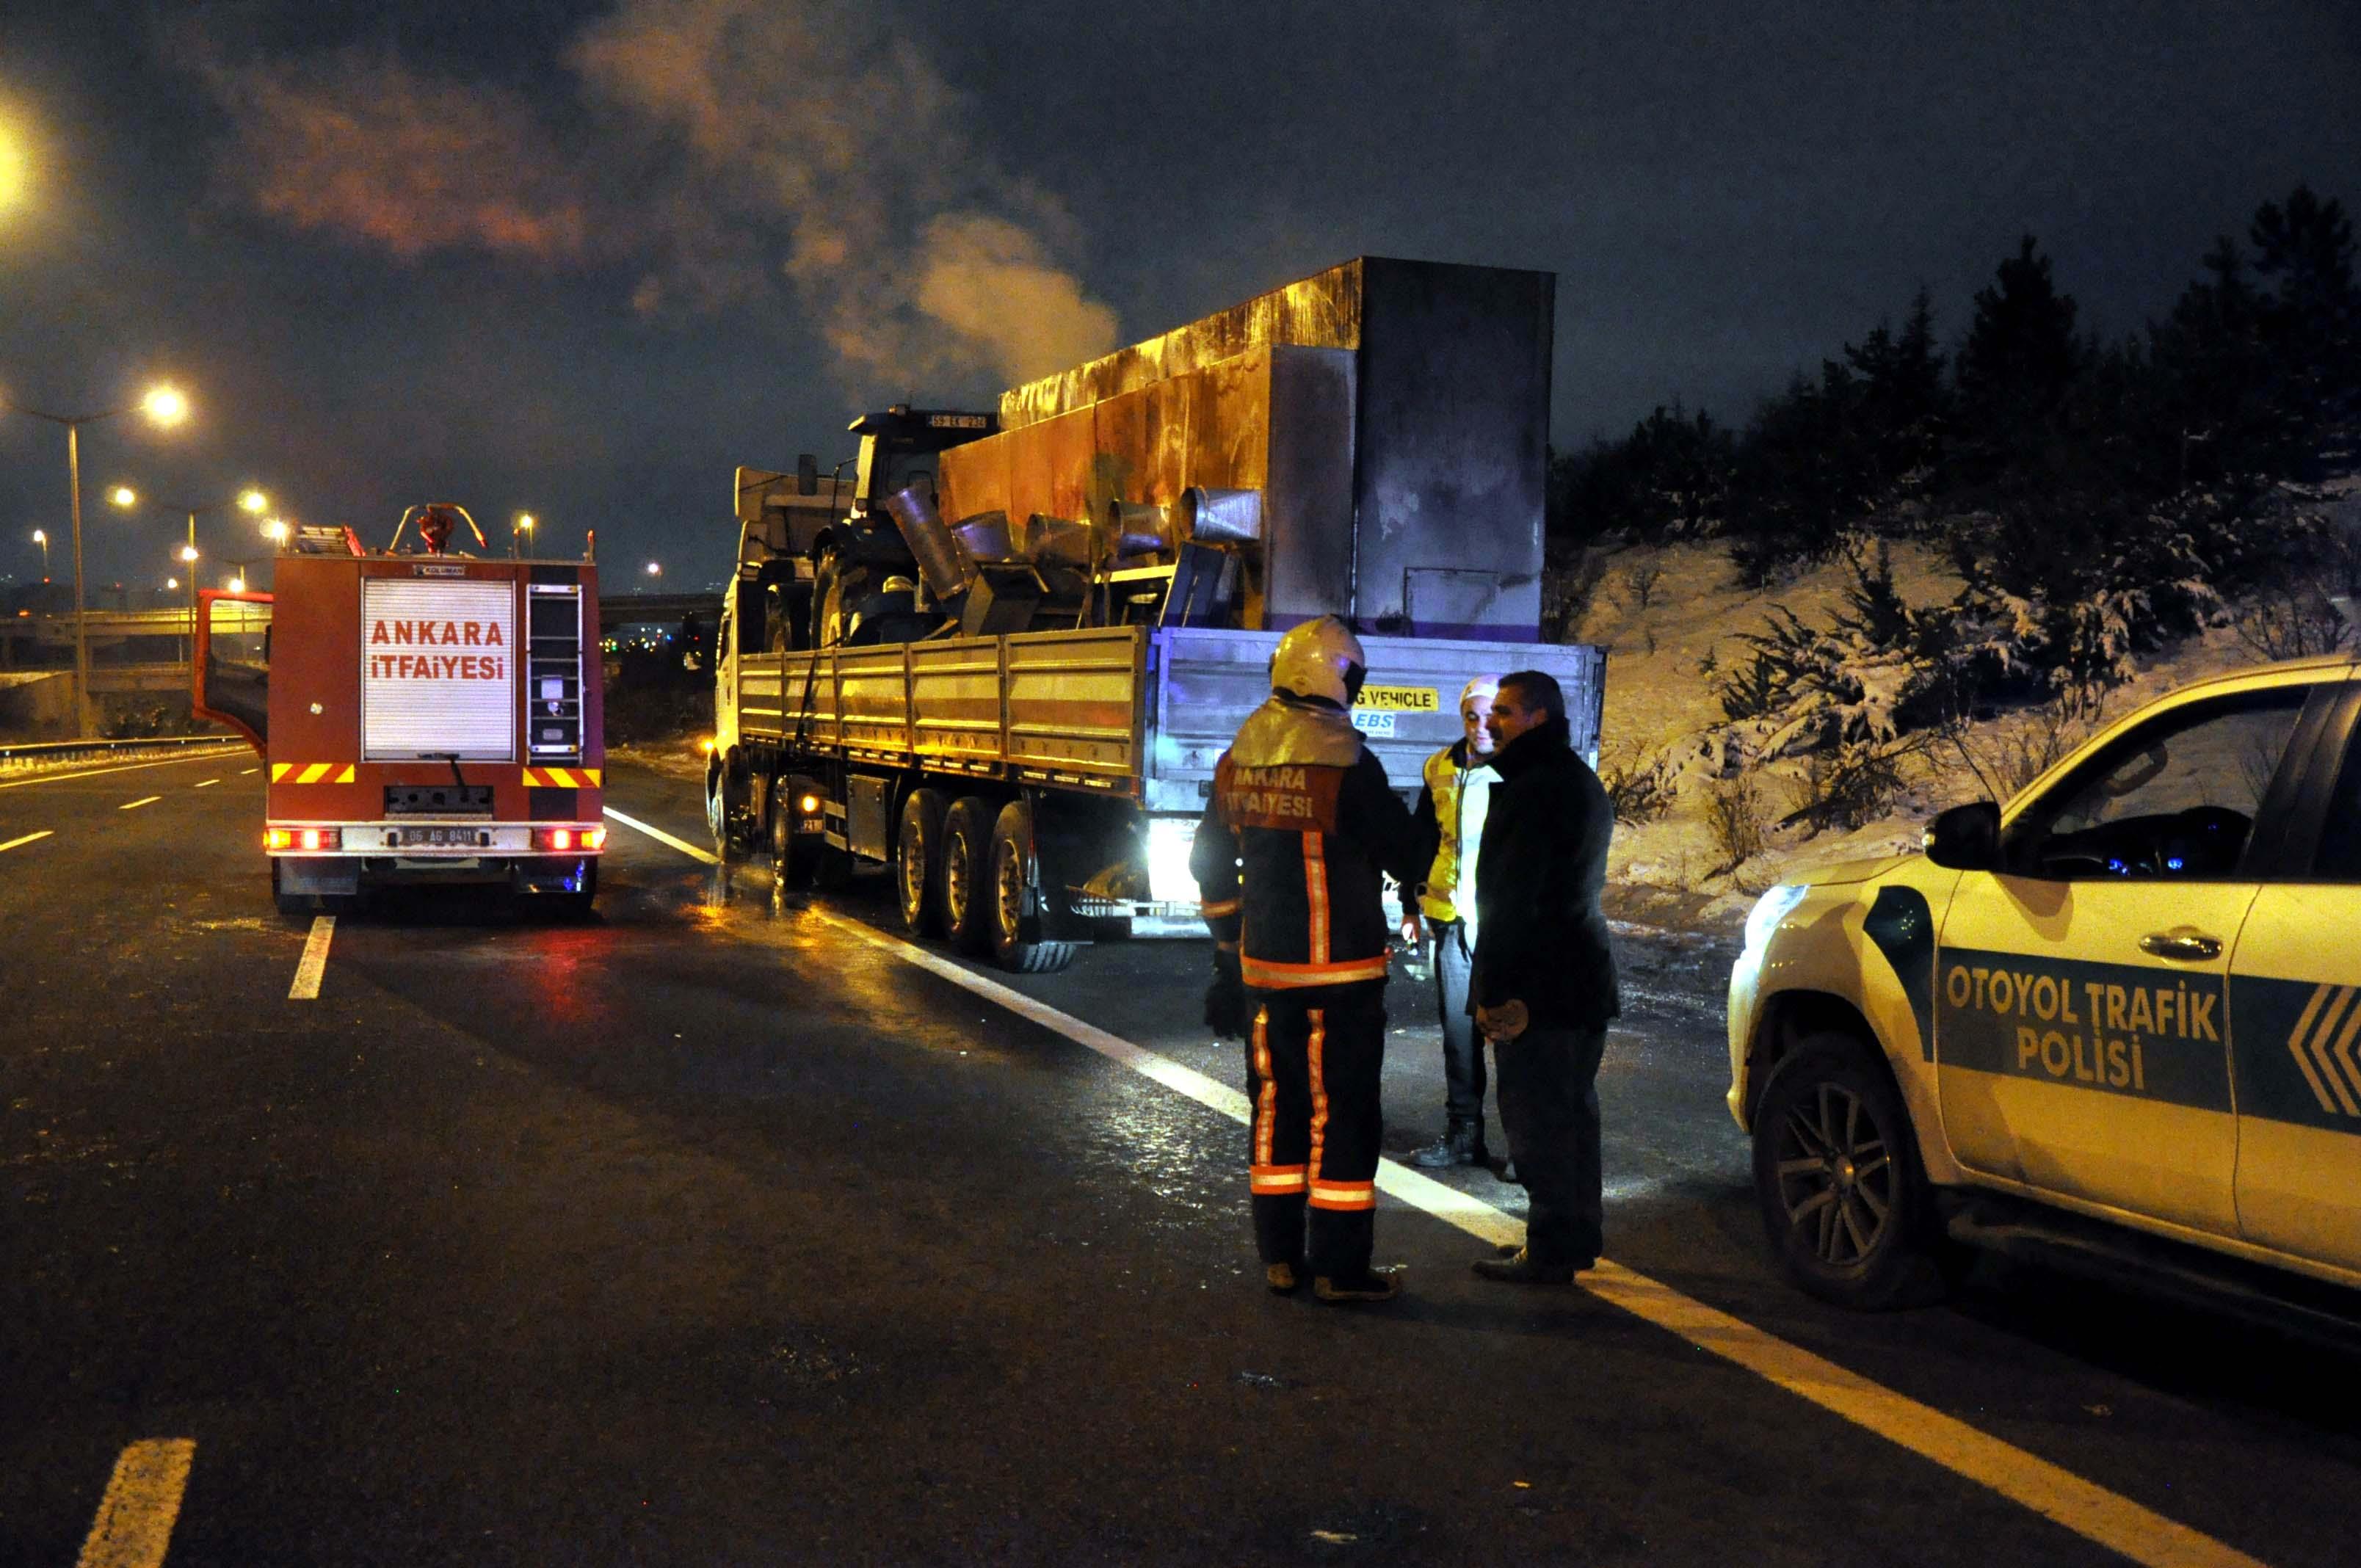 Ankara'da TIR yangını